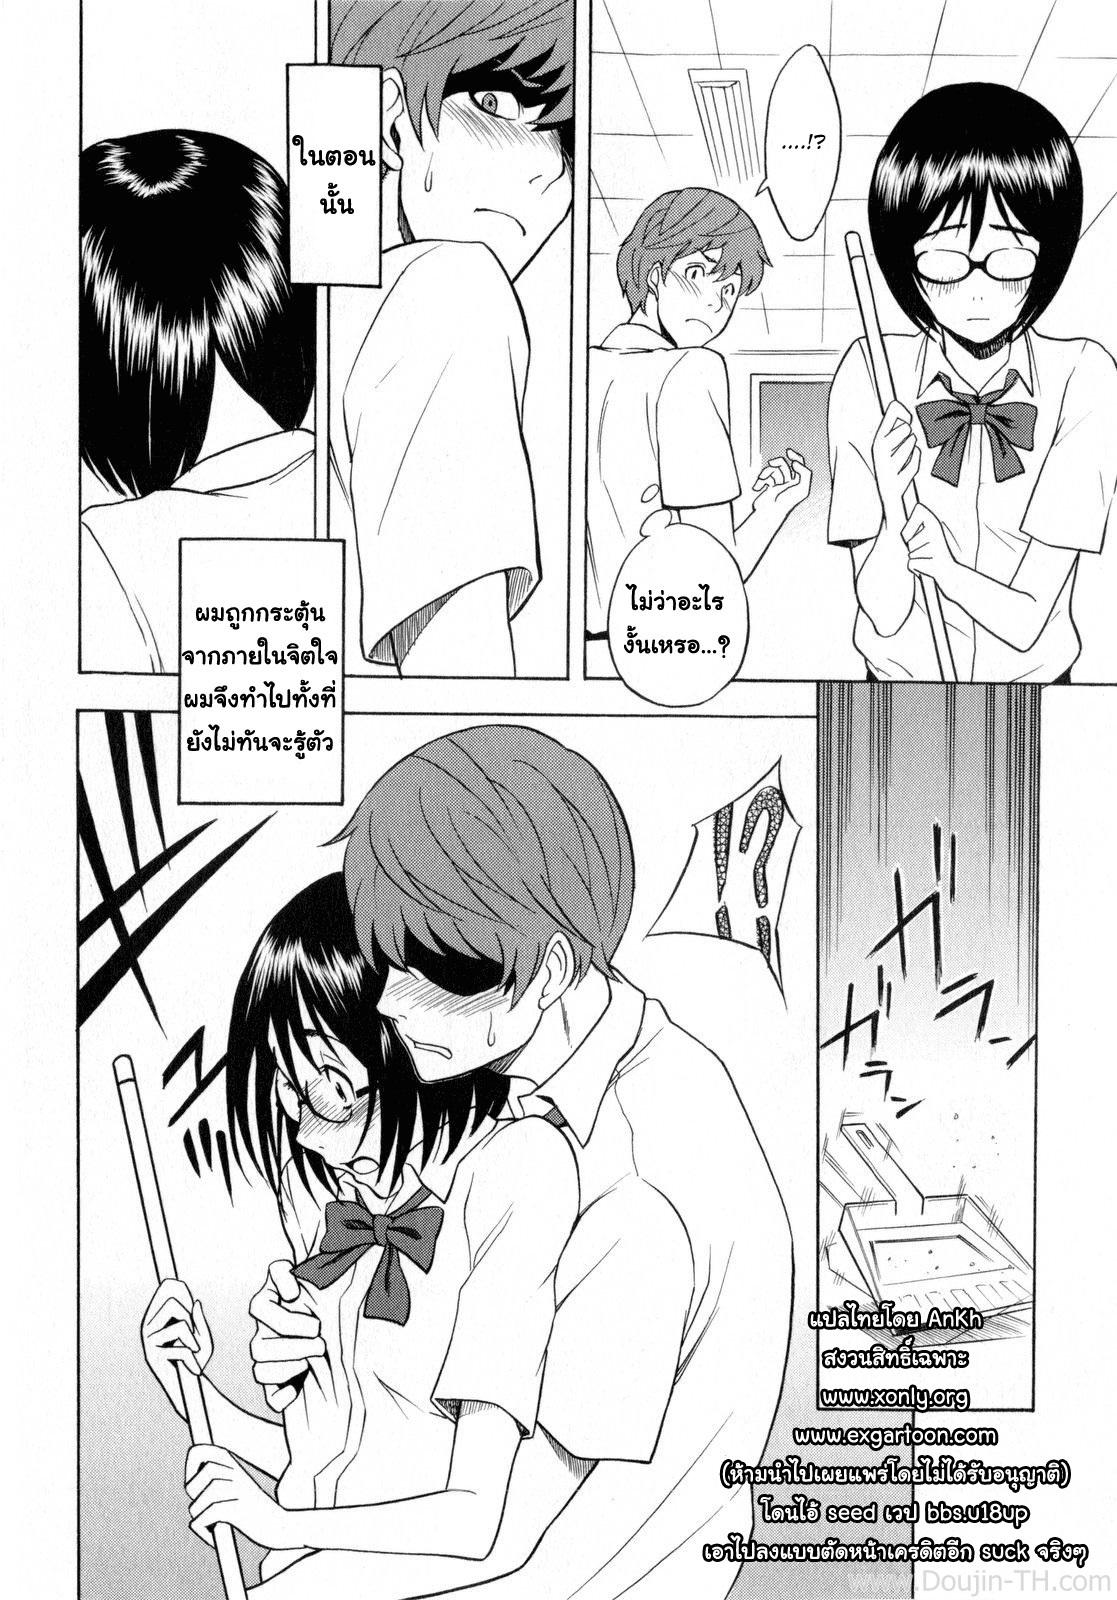 คนธรรมดา แต่ลีลาไม่ธรรมดา - หน้า 4